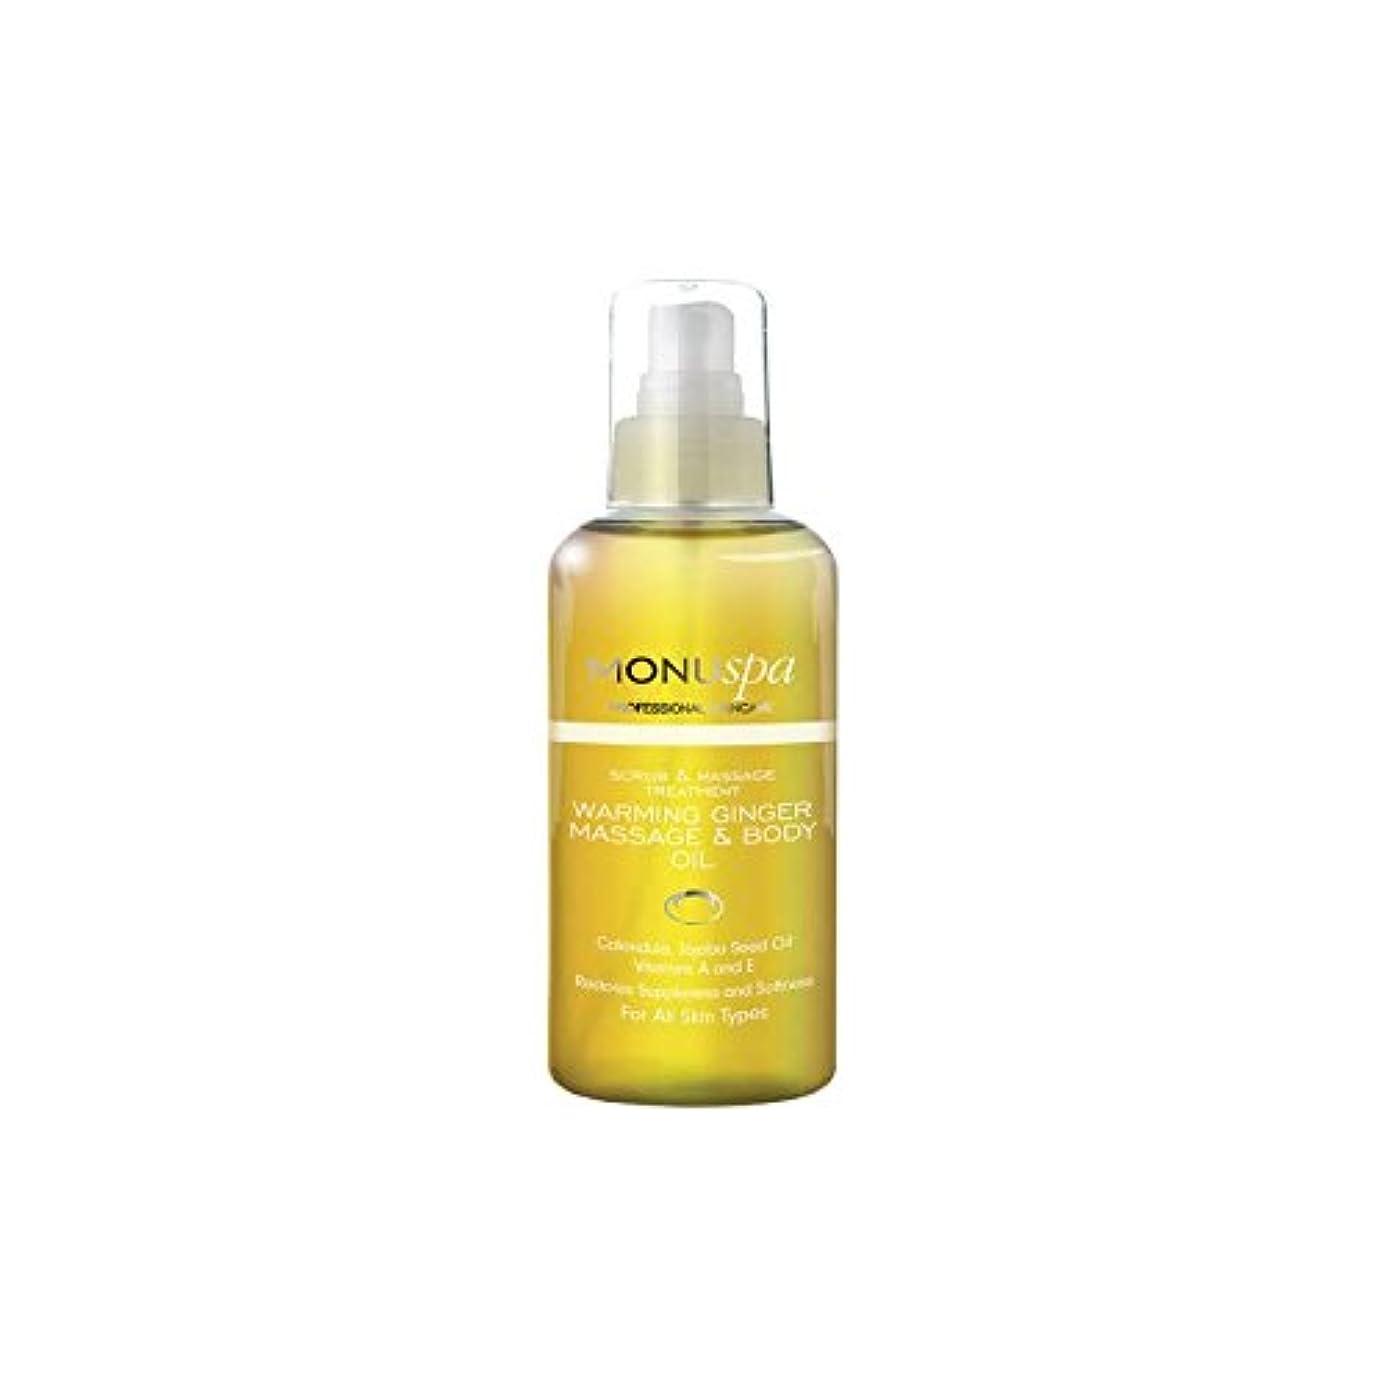 温暖化ジンジャーボディオイル100ミリリットル x4 - MONUspa Warming Ginger Body Oil 100ml (Pack of 4) [並行輸入品]